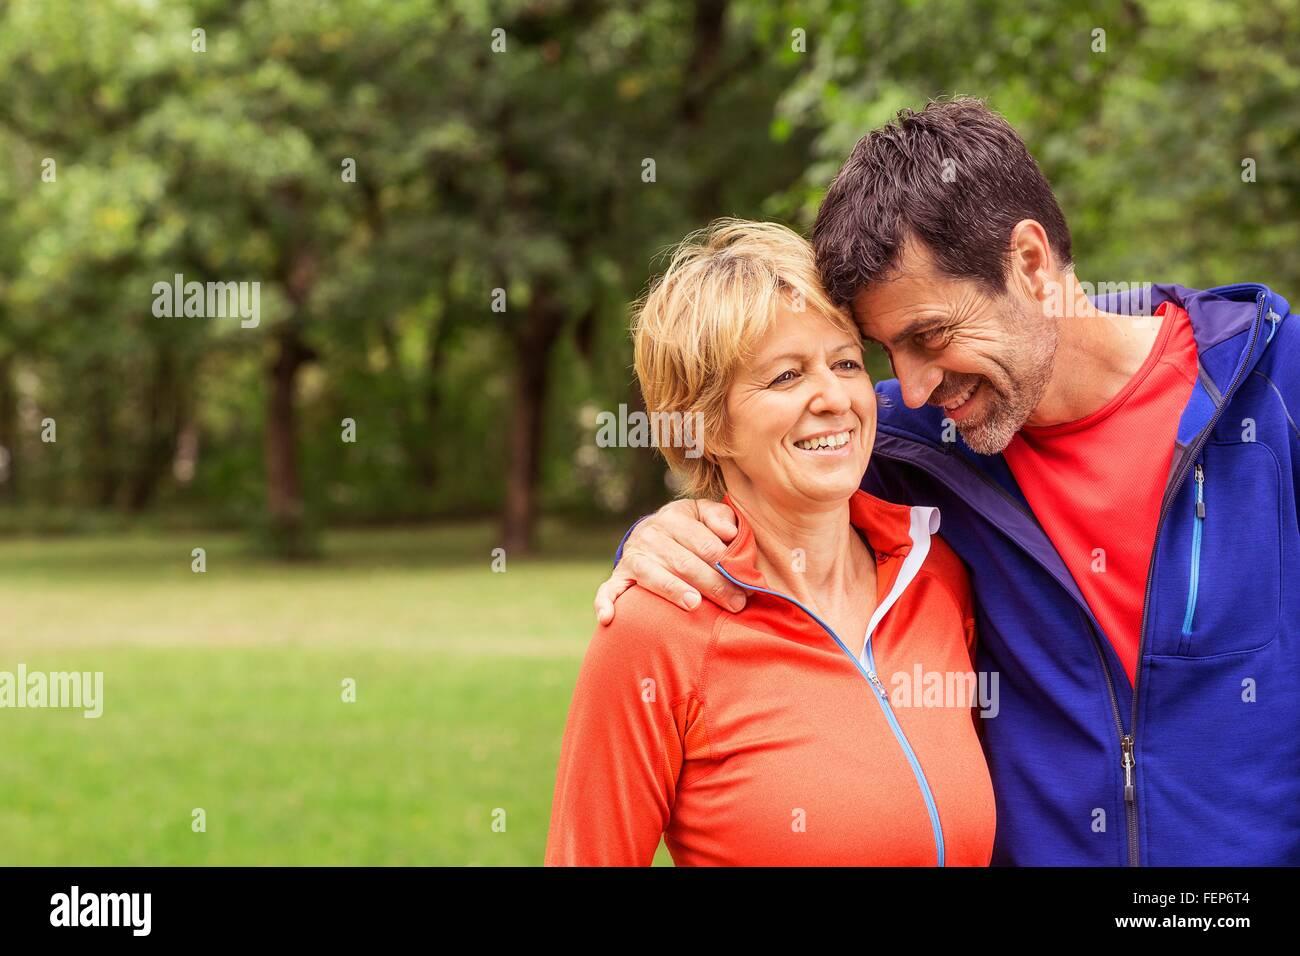 Par llevaba ropa deportiva al aire libre, un abrazo, sonriente Imagen De Stock